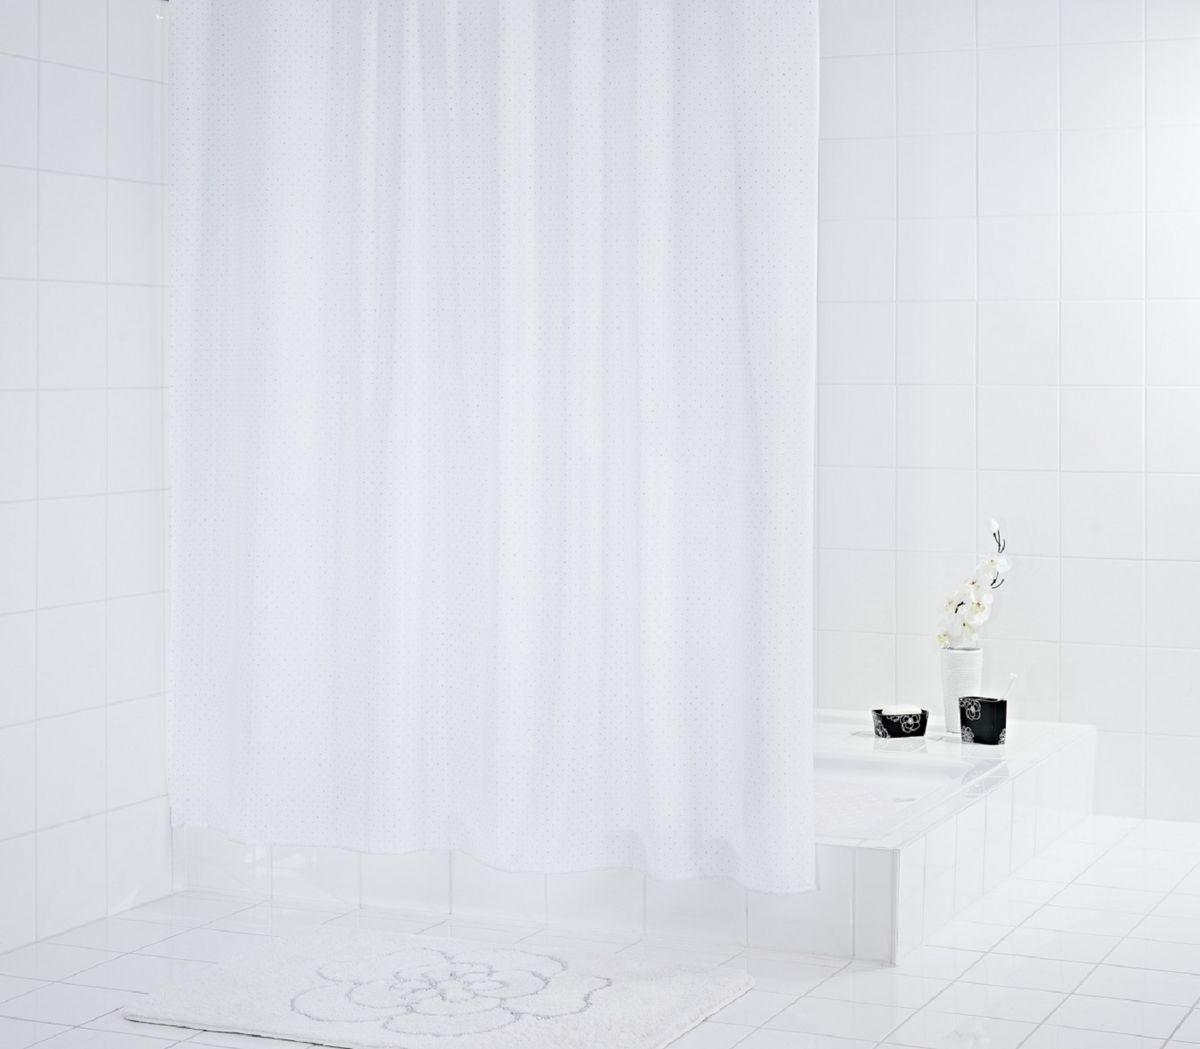 Штора для ванной комнаты Ridder Diamond, цвет: белый , 180 х 200 см штора для ванной комнаты vanstore zober цвет белый 180 х 180 см